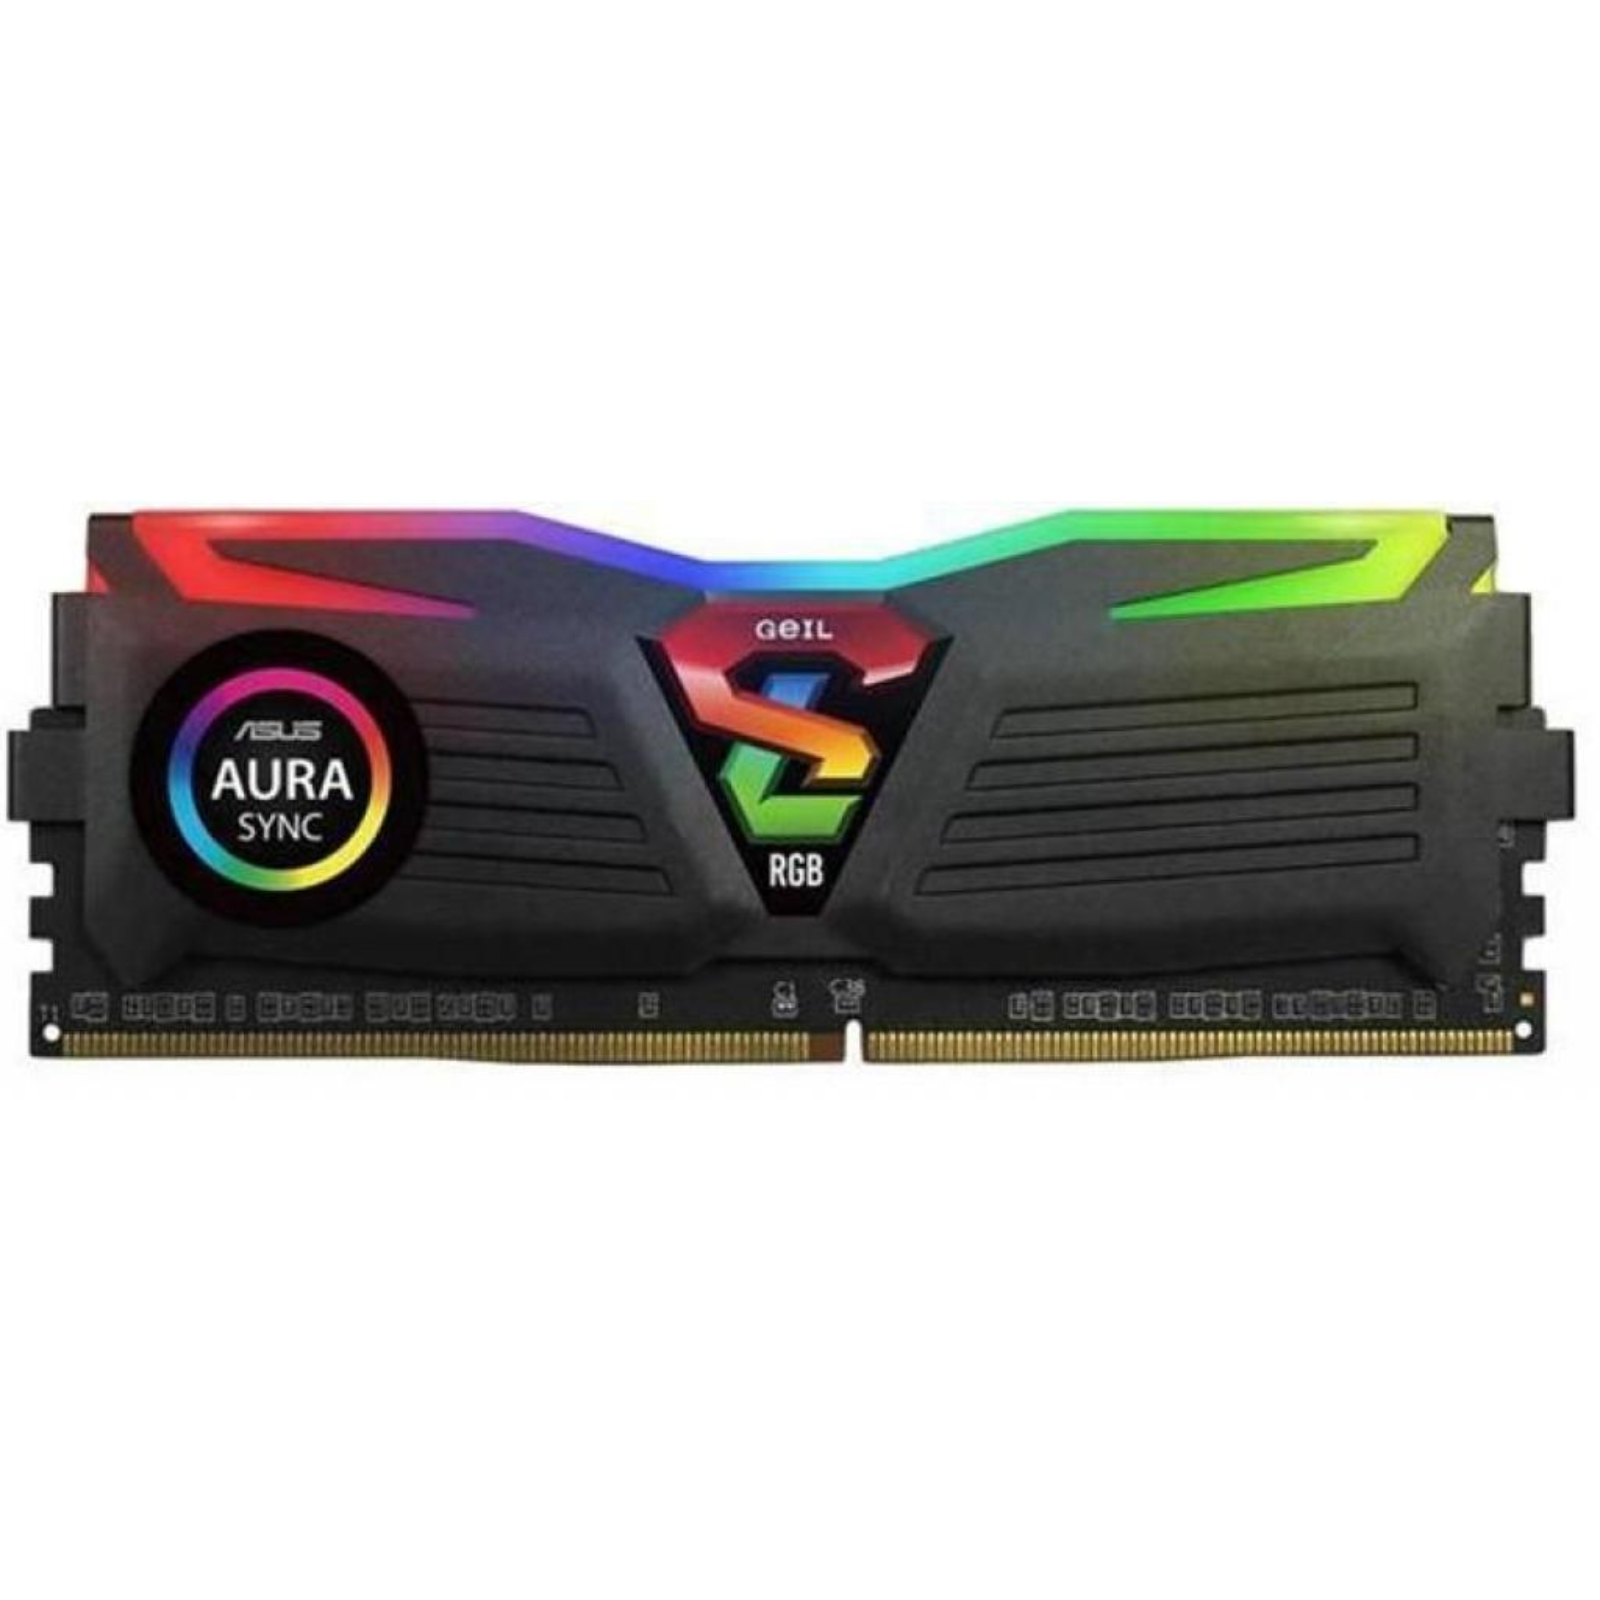 Модуль памяти для компьютера DDR4 16GB (2x8GB) 3000 MHz Super Luce Black RGB Sync LED Geil (GLS416GB3000C16ADC) изображение 2